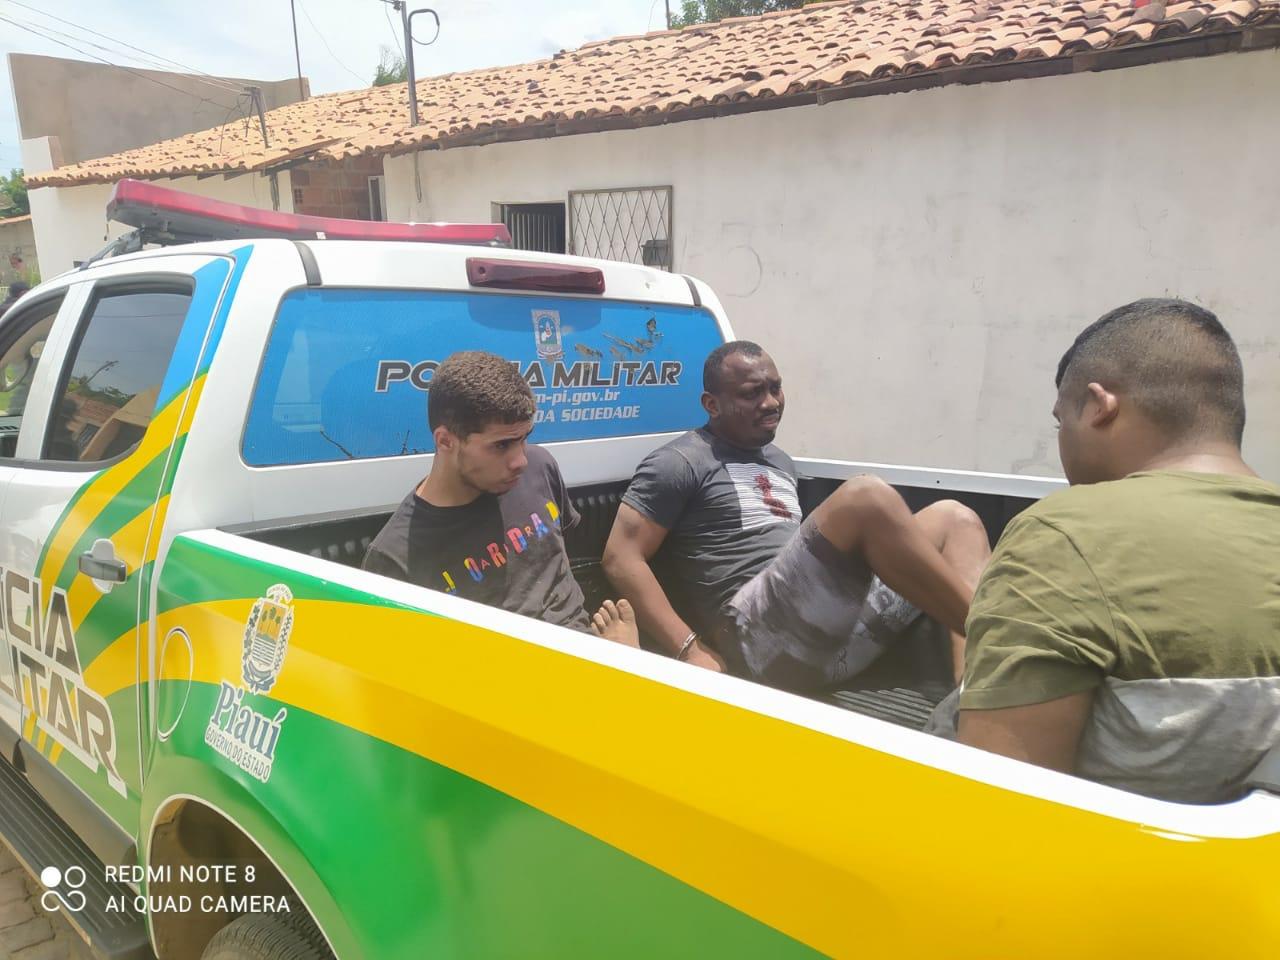 Três criminosos foram presos acusados do arrastão a Lojas Americanas (Foto: Reprodução/ WhatsApp)